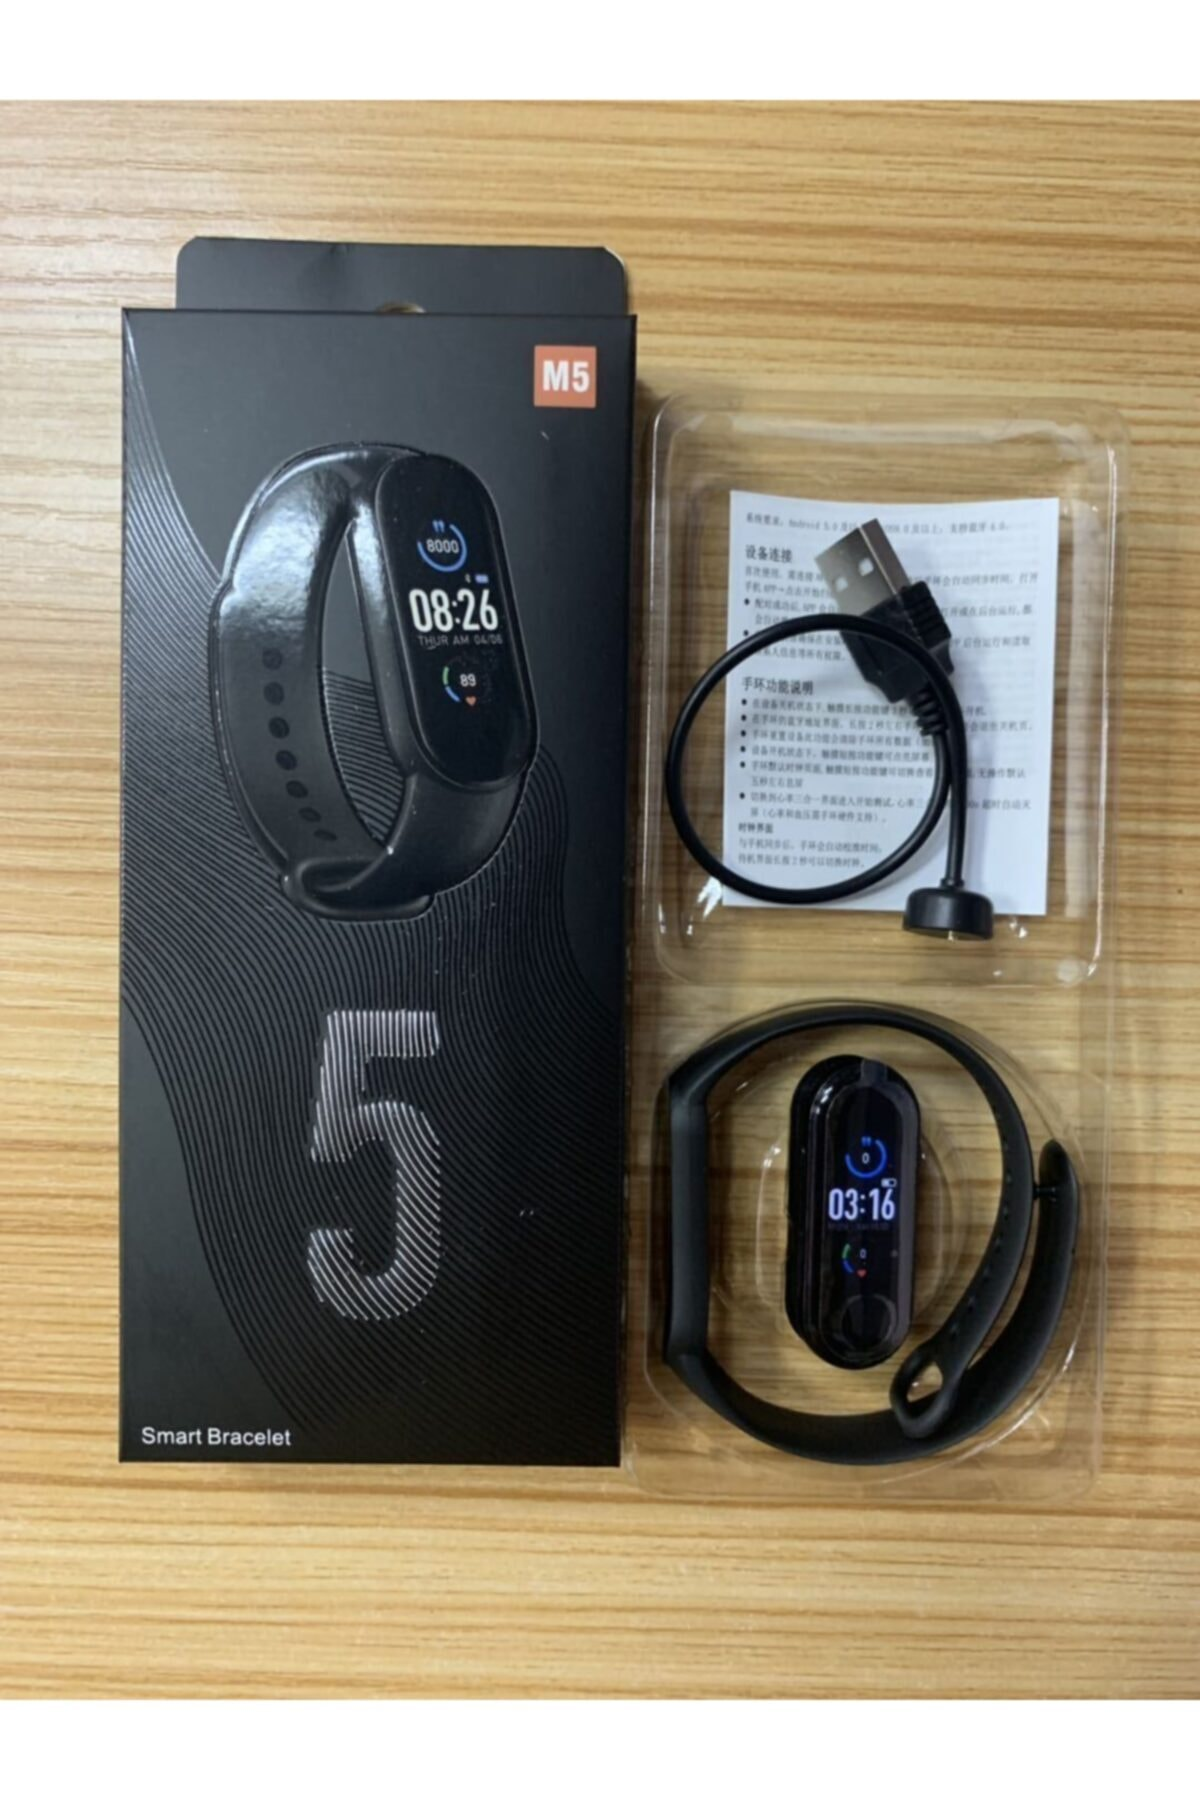 M5 Smart Bracelet M5 Akıllı Bileklik Saat Adım Sayar Ateş Nabız Ölçer Facebook Uyku Yürüyüşü Spor 2